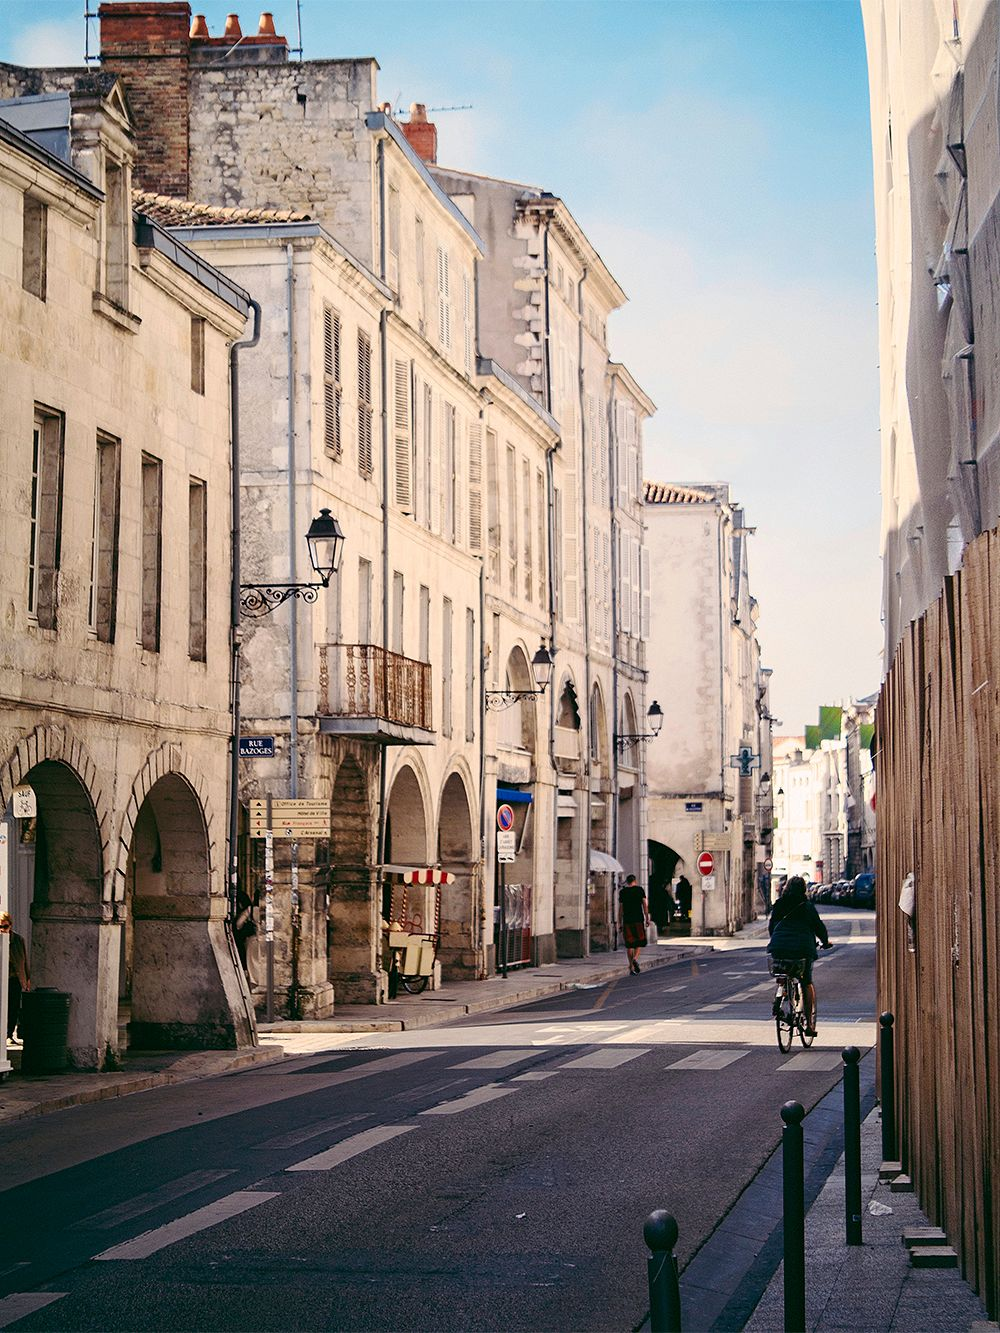 Pyöräilyreitit mahtavissa maisemissa: La Vélodyssée, Ranska